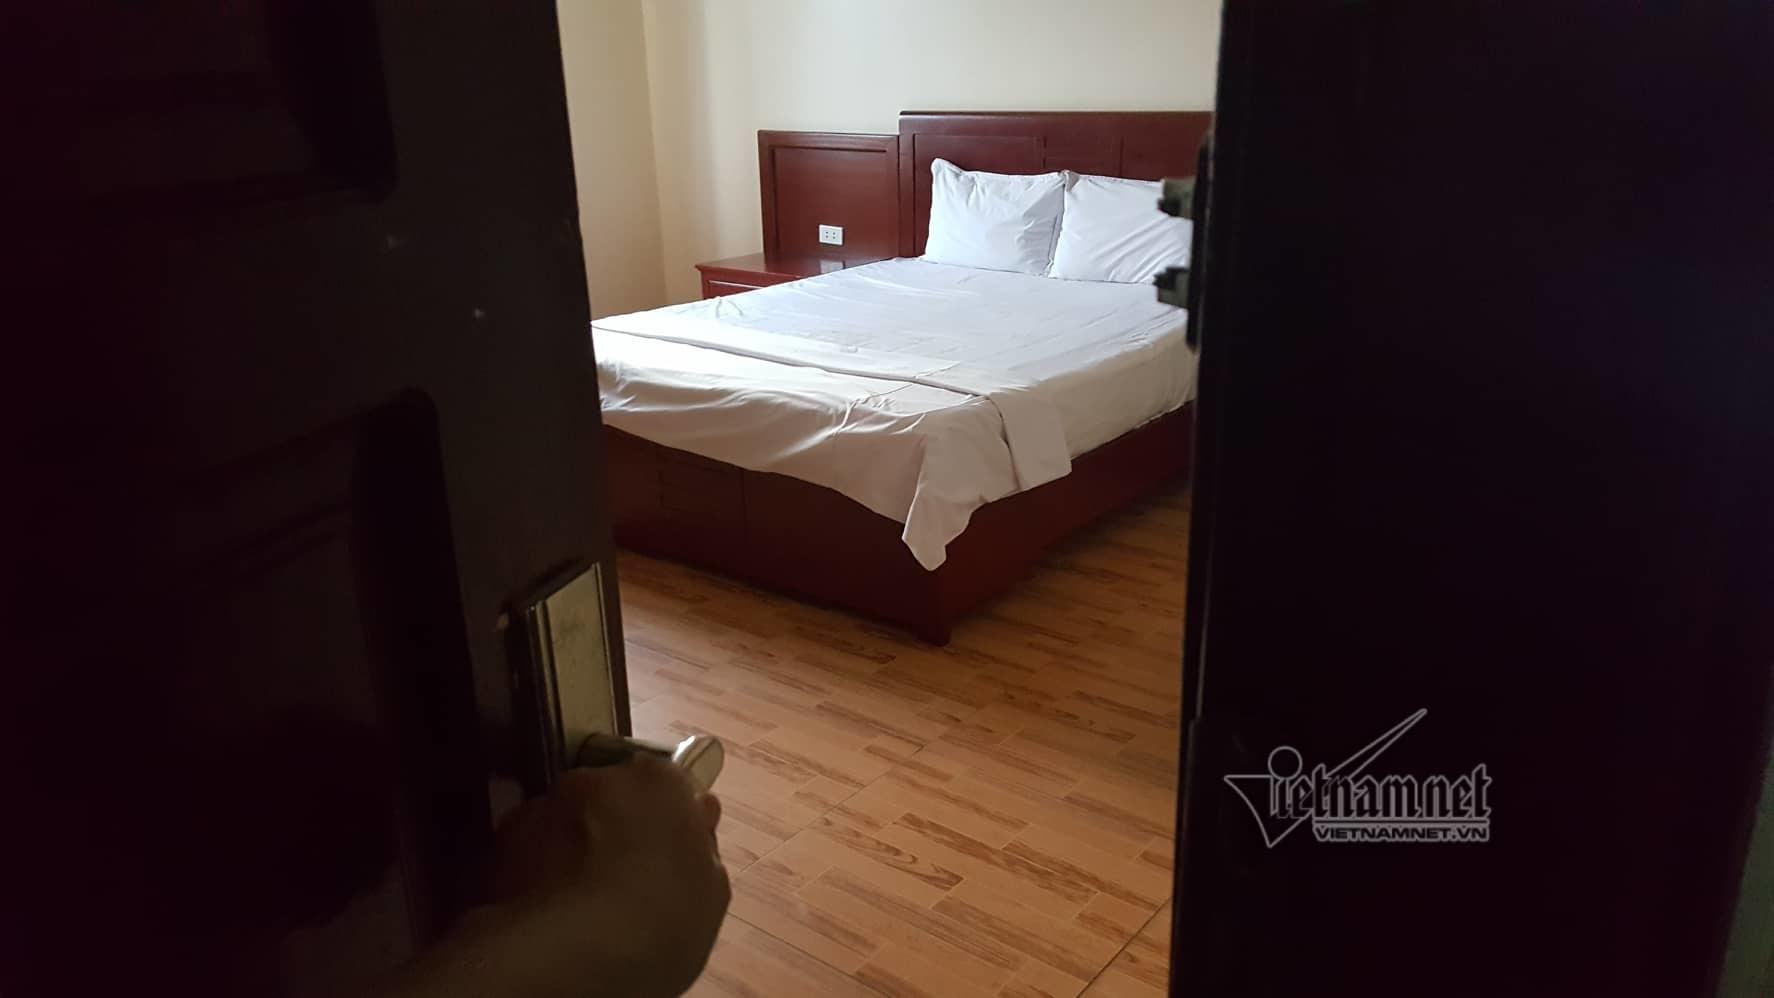 Ôm ấp lễ tân trẻ trong phòng ngủ, ông chủ khách sạn nhận cơn mưa đòn-1